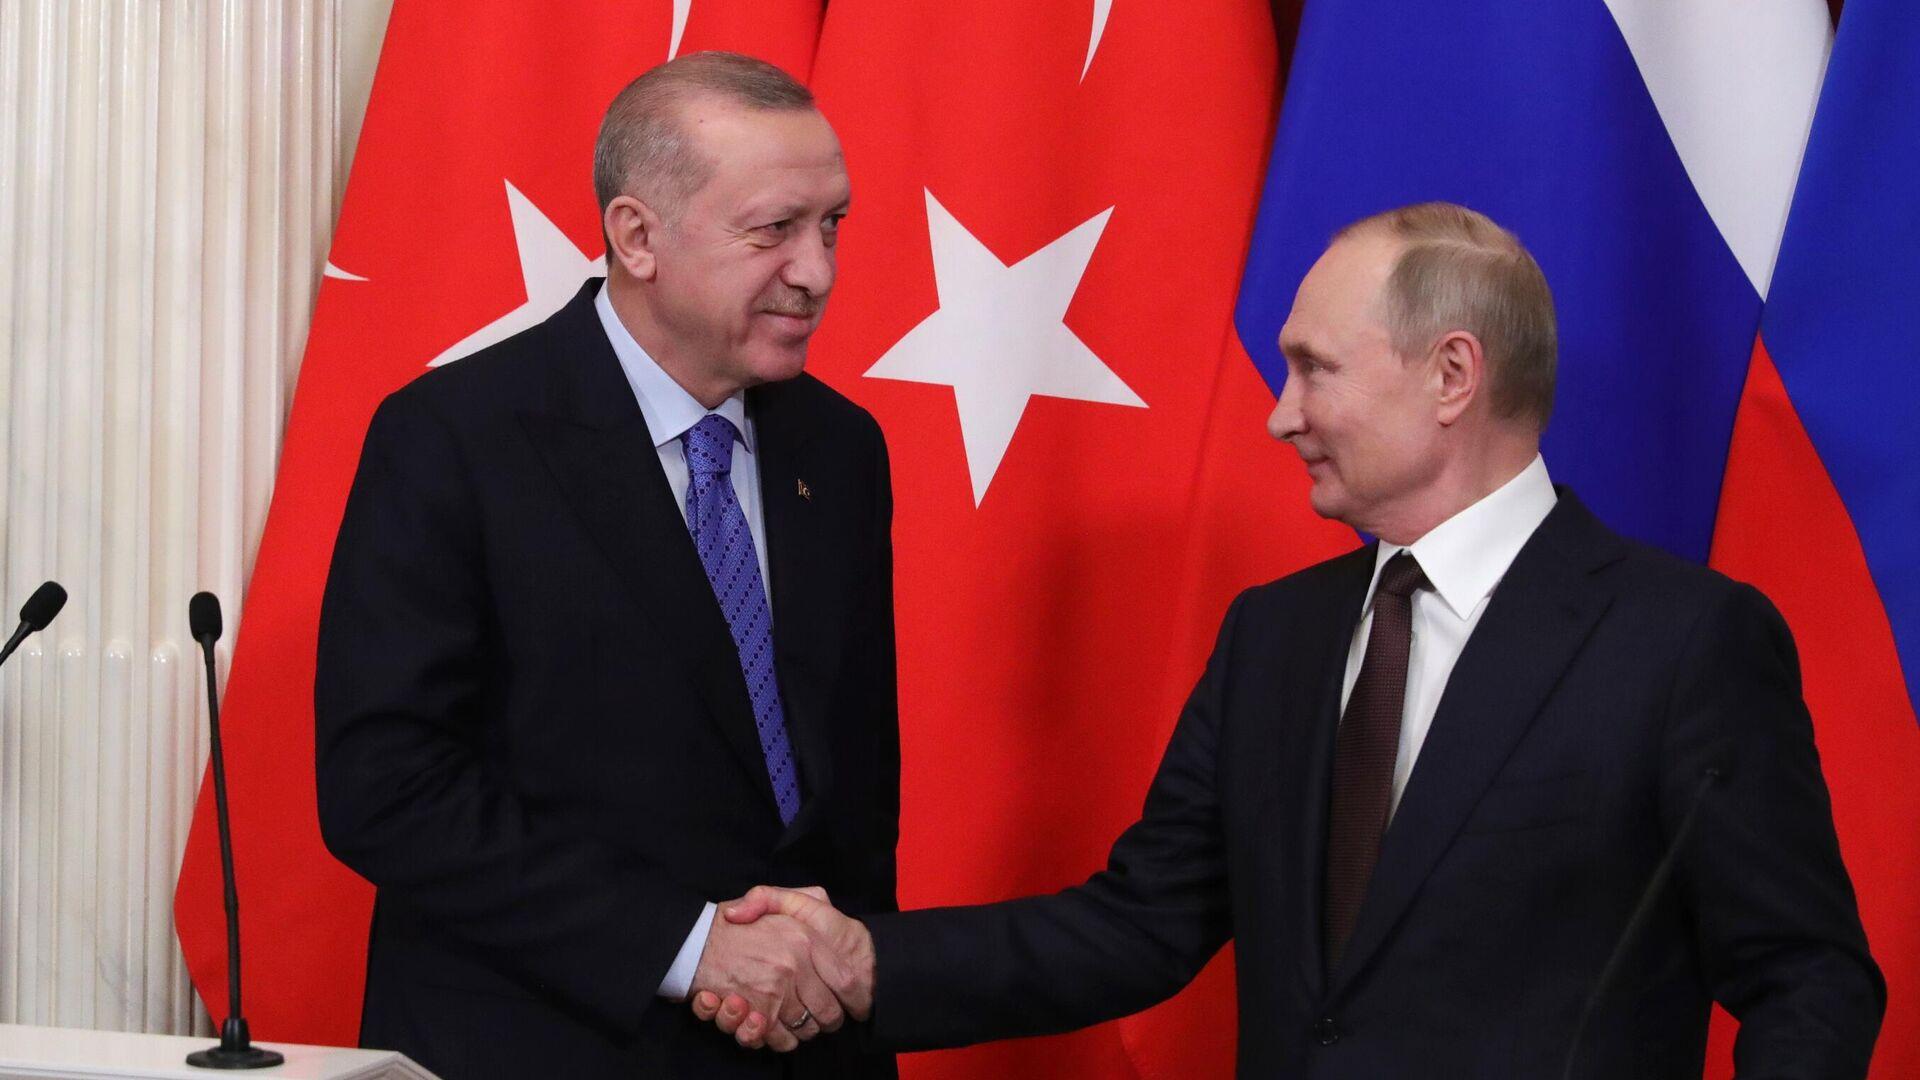 Президент РФ Владимир Путин и президент Турции Реджеп Тайип Эрдоган во время пресс-подхода - РИА Новости, 1920, 30.09.2021